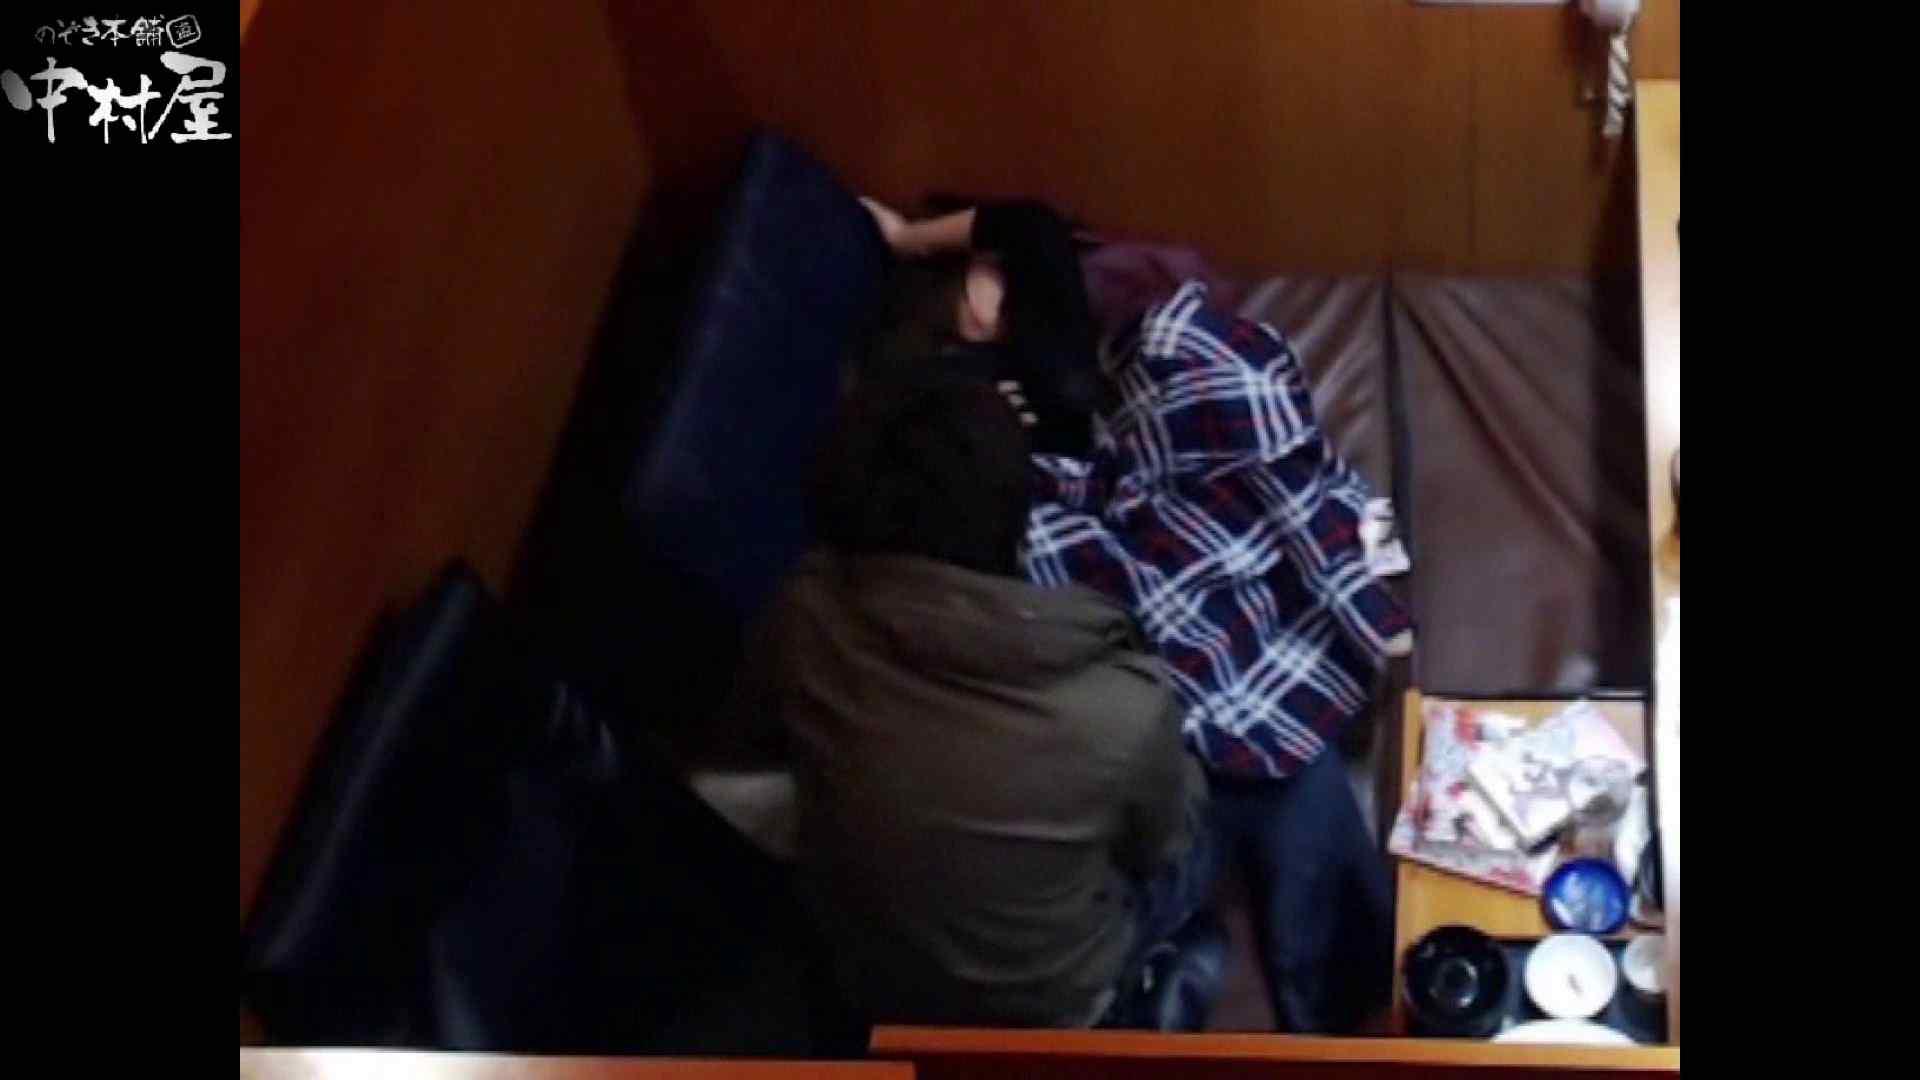 ネットカフェ盗撮師トロントさんの 素人カップル盗撮記vol.4 盗撮 われめAV動画紹介 102連発 90